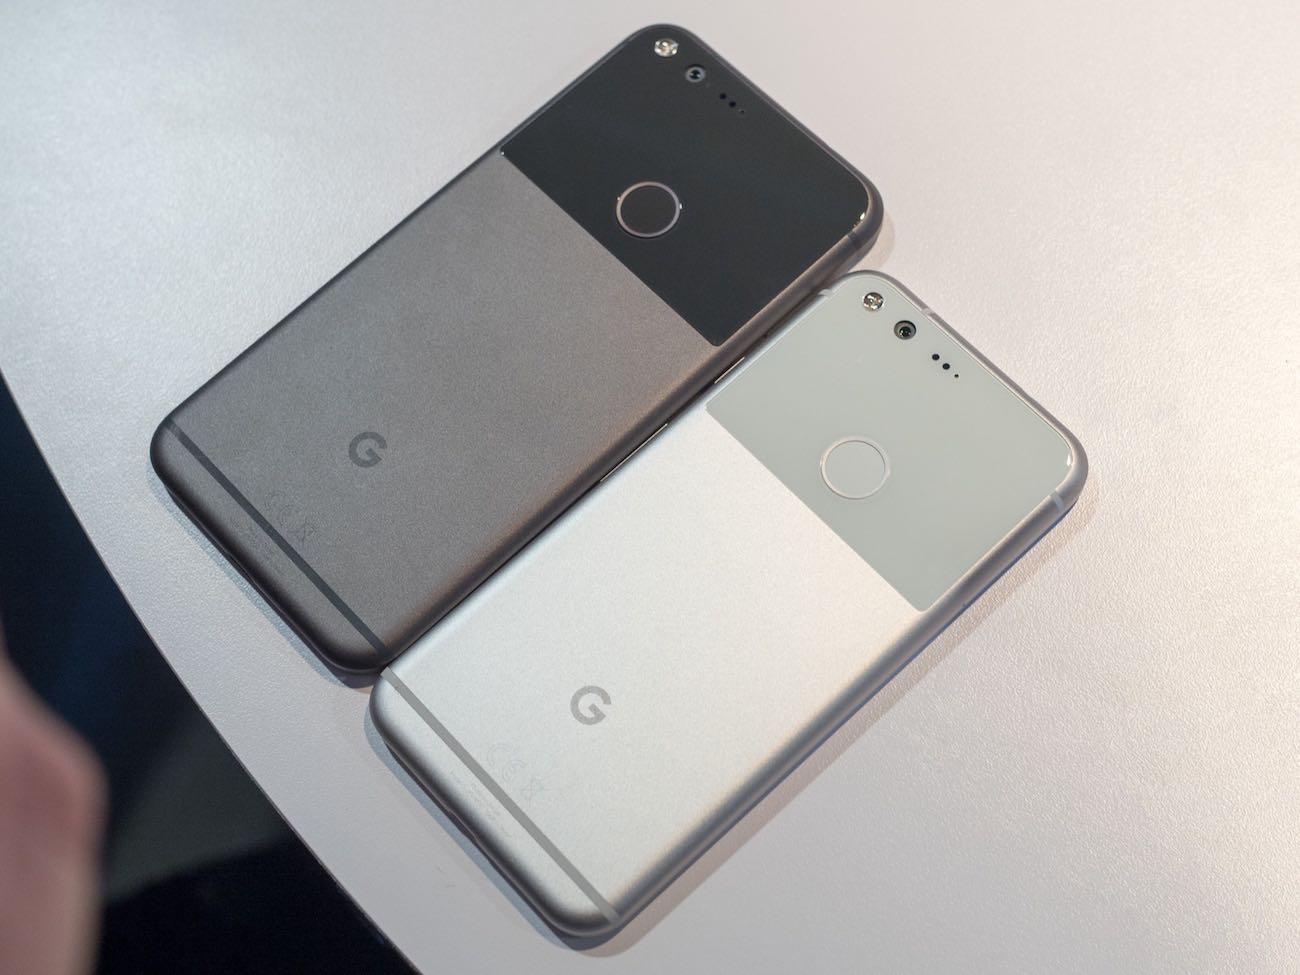 Владельцы Google Pixel жалуются напроблемы скамерой смартфона